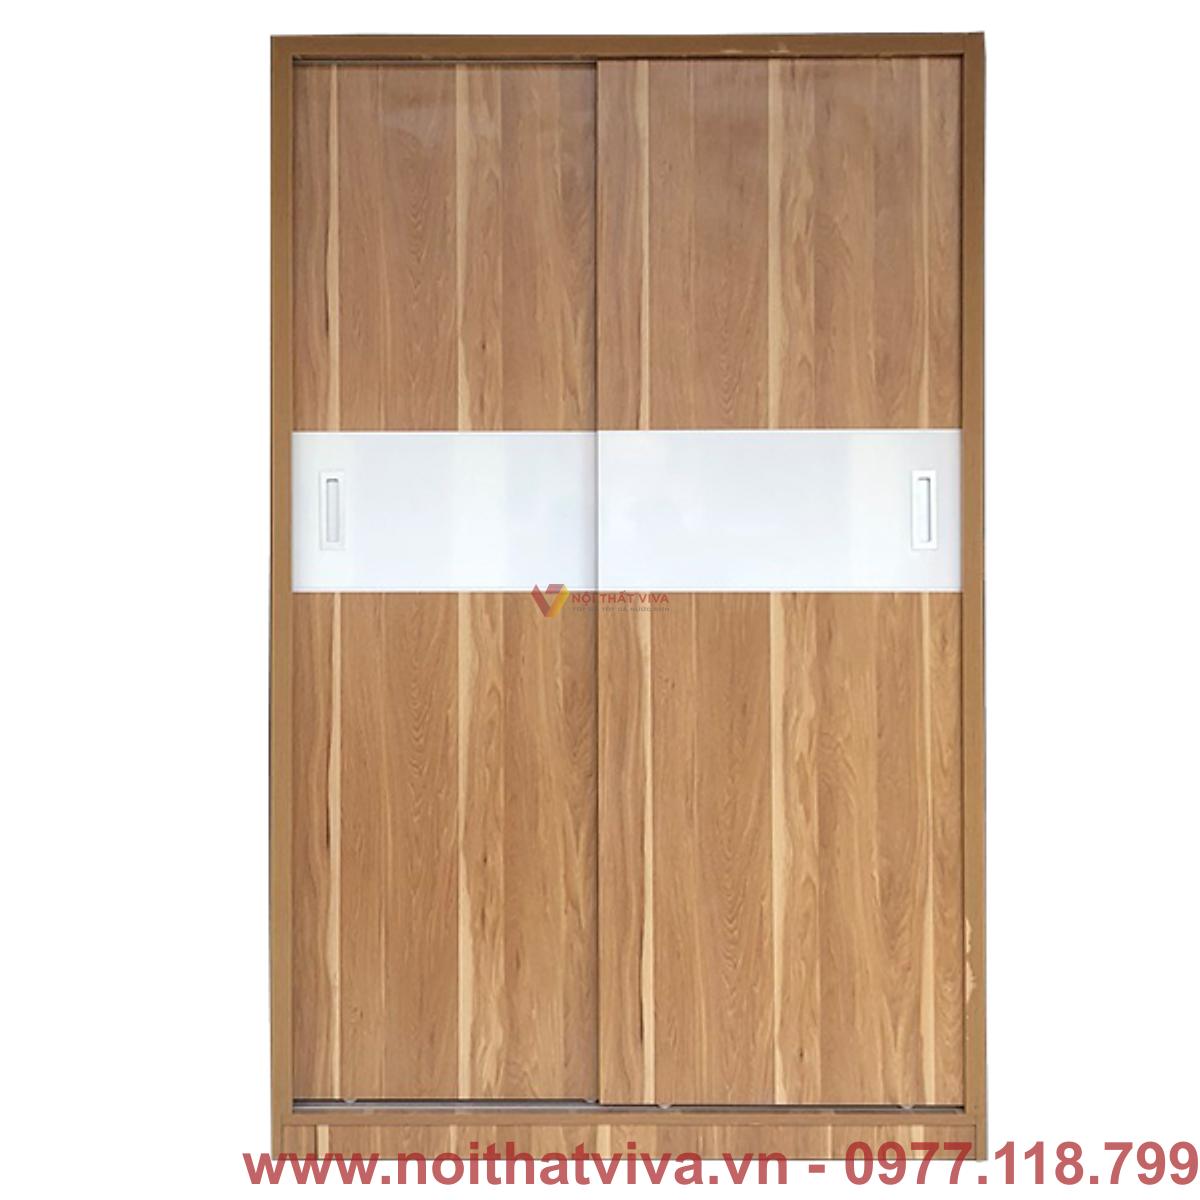 Tủ Áo Cửa Lùa 1m2 Gỗ MDF Melamine Màu Vân Vàng Sọc Trắng